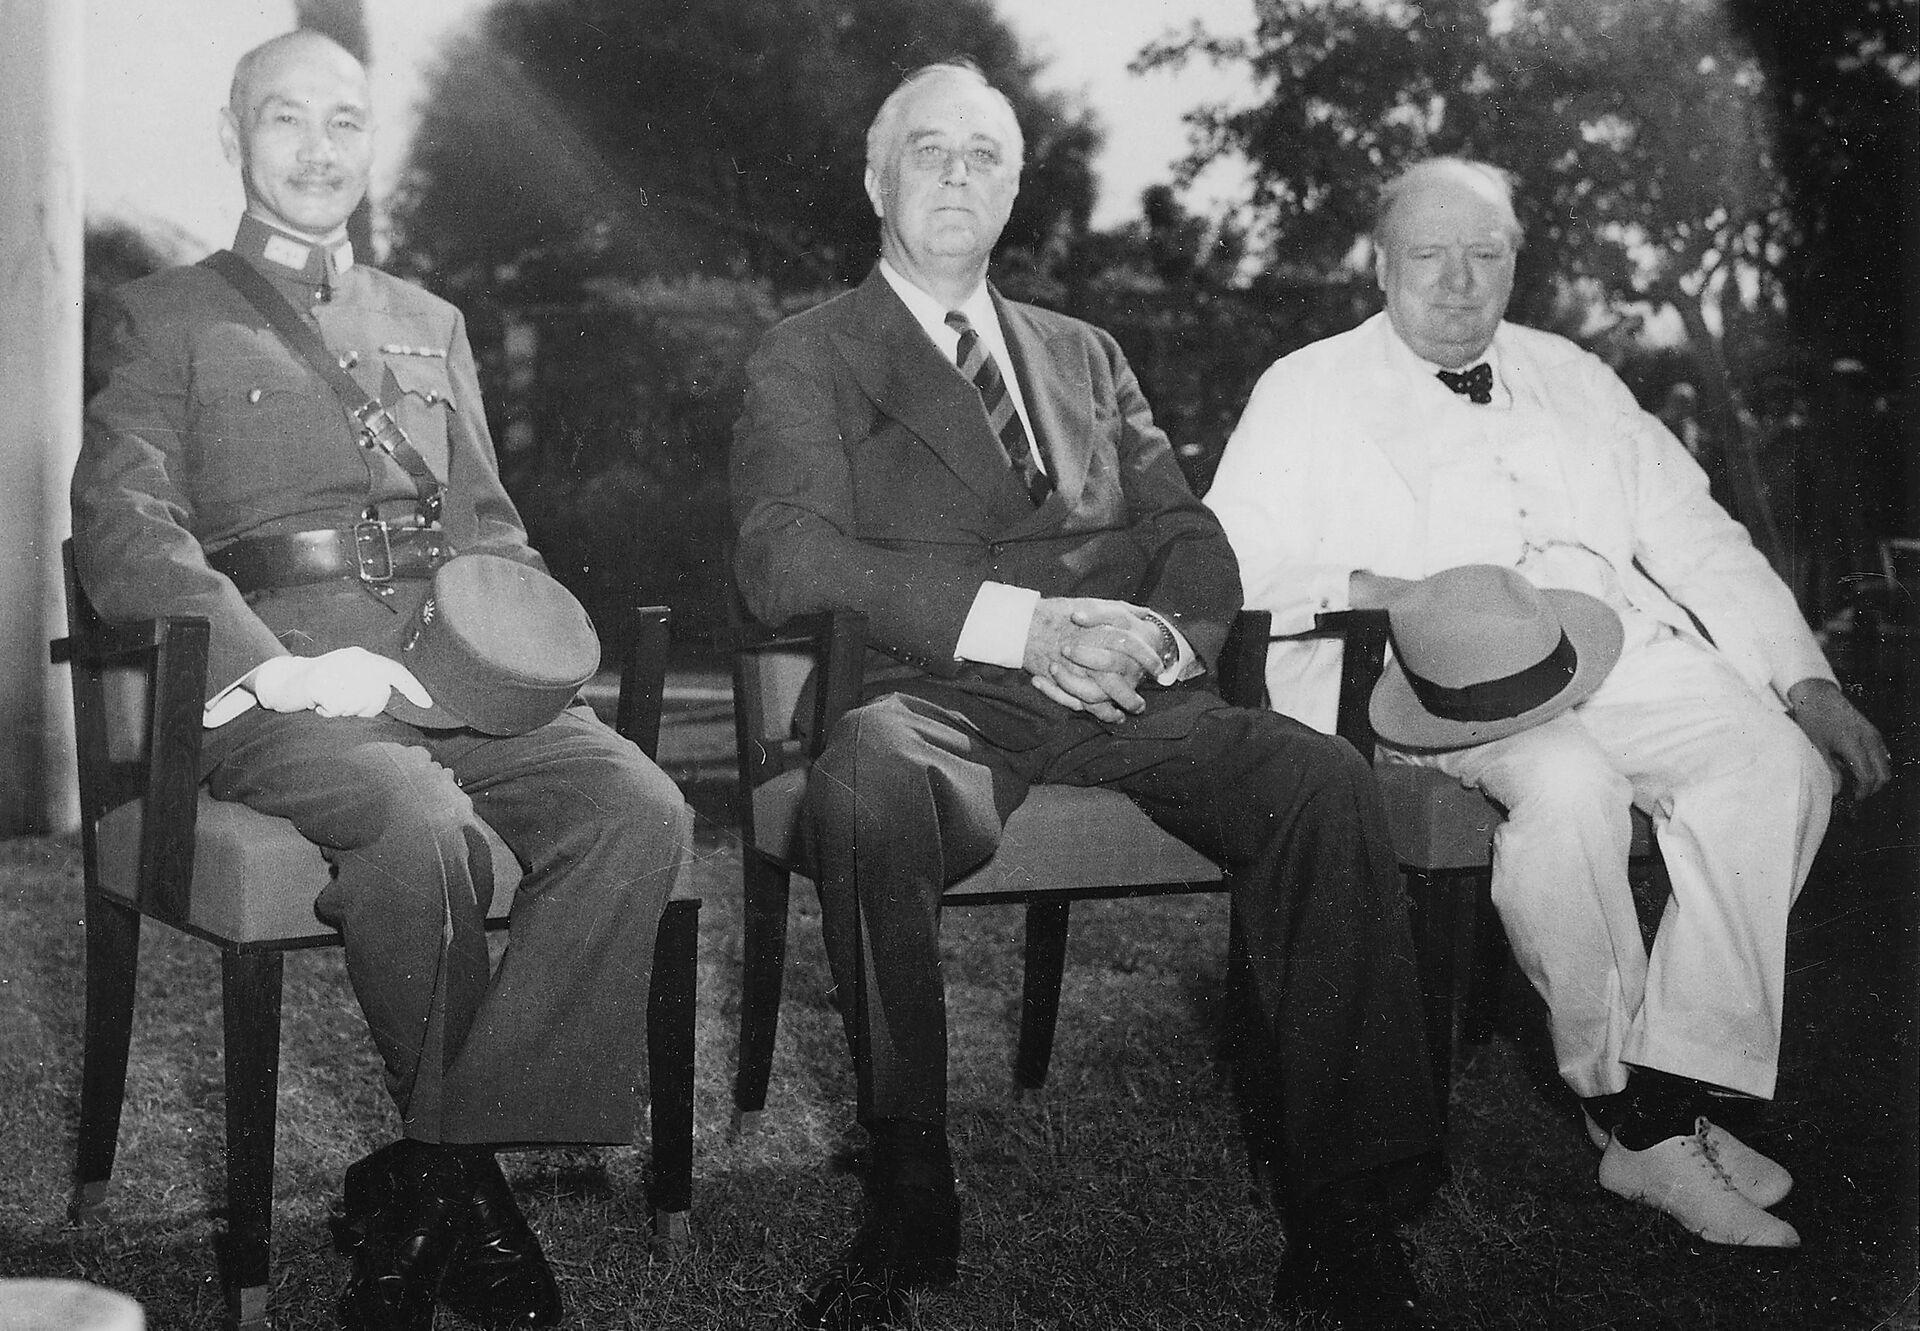 Mừng đảng Cộng sản trăm tuổi, Trung Quốc phát động chiến dịch chống «chủ nghĩa hư vô lịch sử» - Sputnik Việt Nam, 1920, 29.06.2021